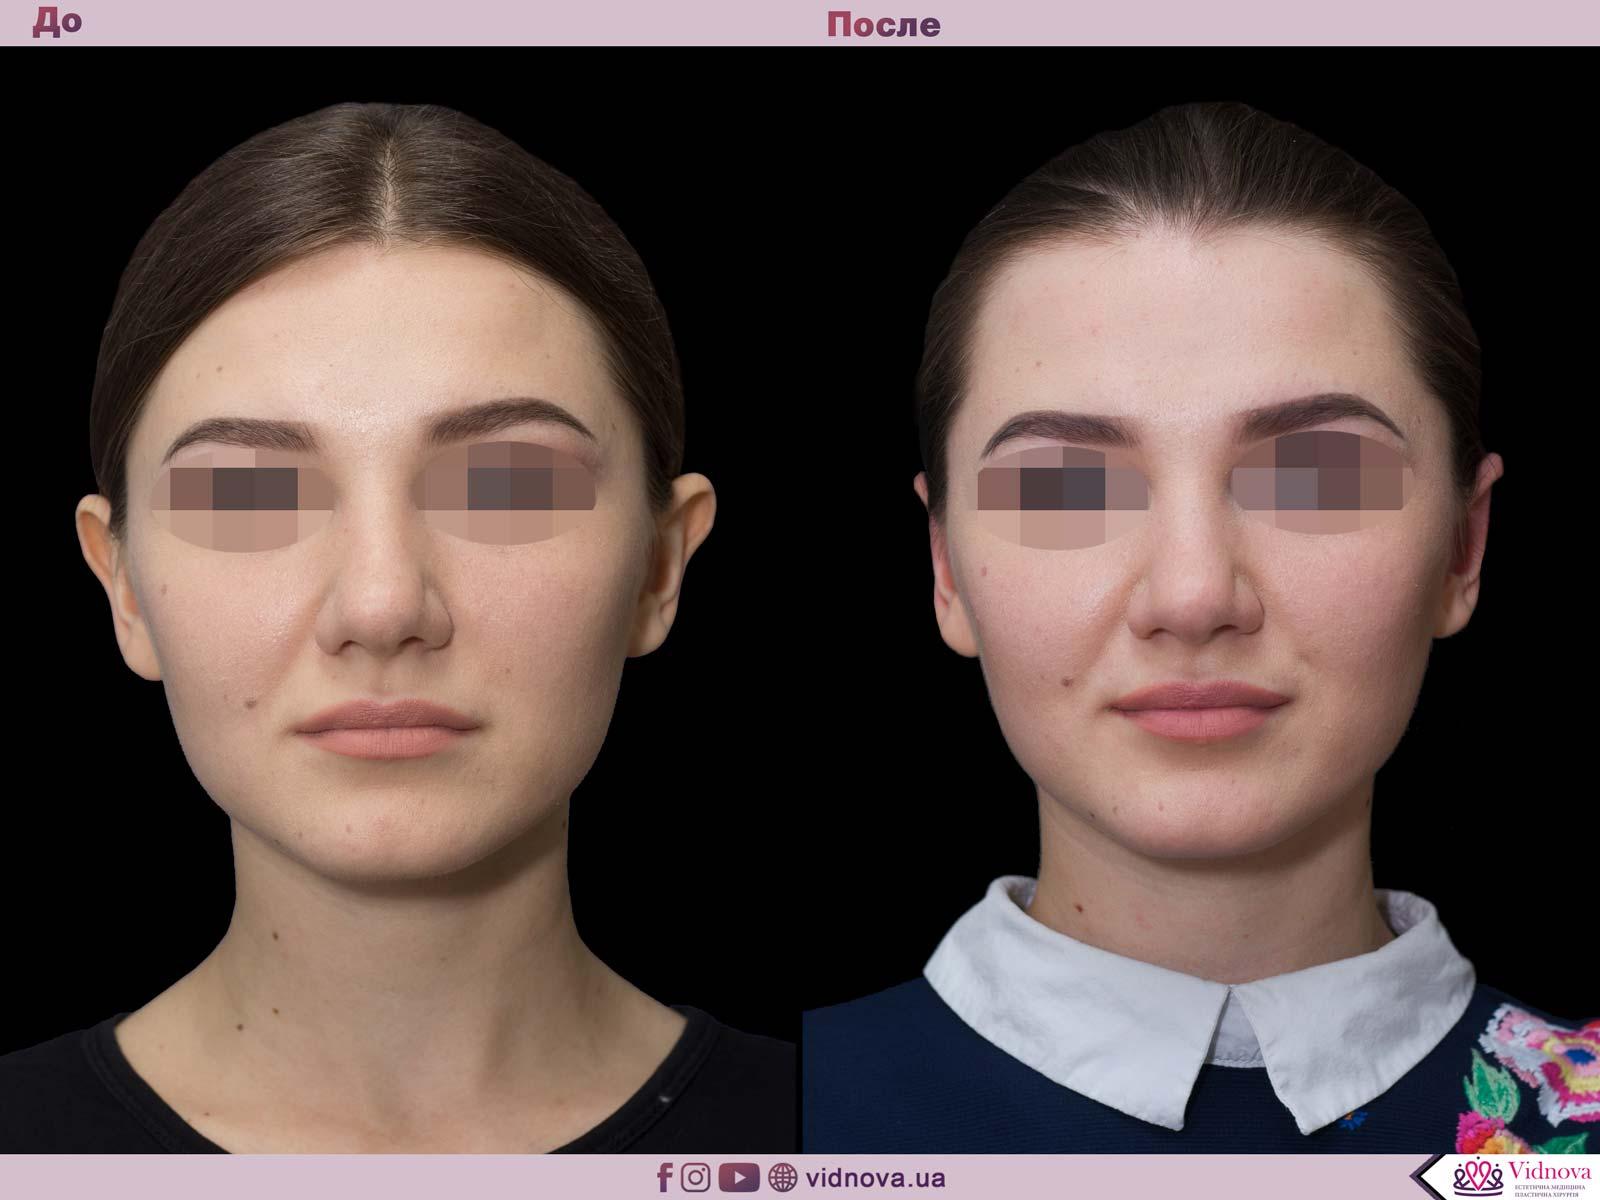 Отопластика: Фото До и После - Пример №6-1 - Клиника Vidnova